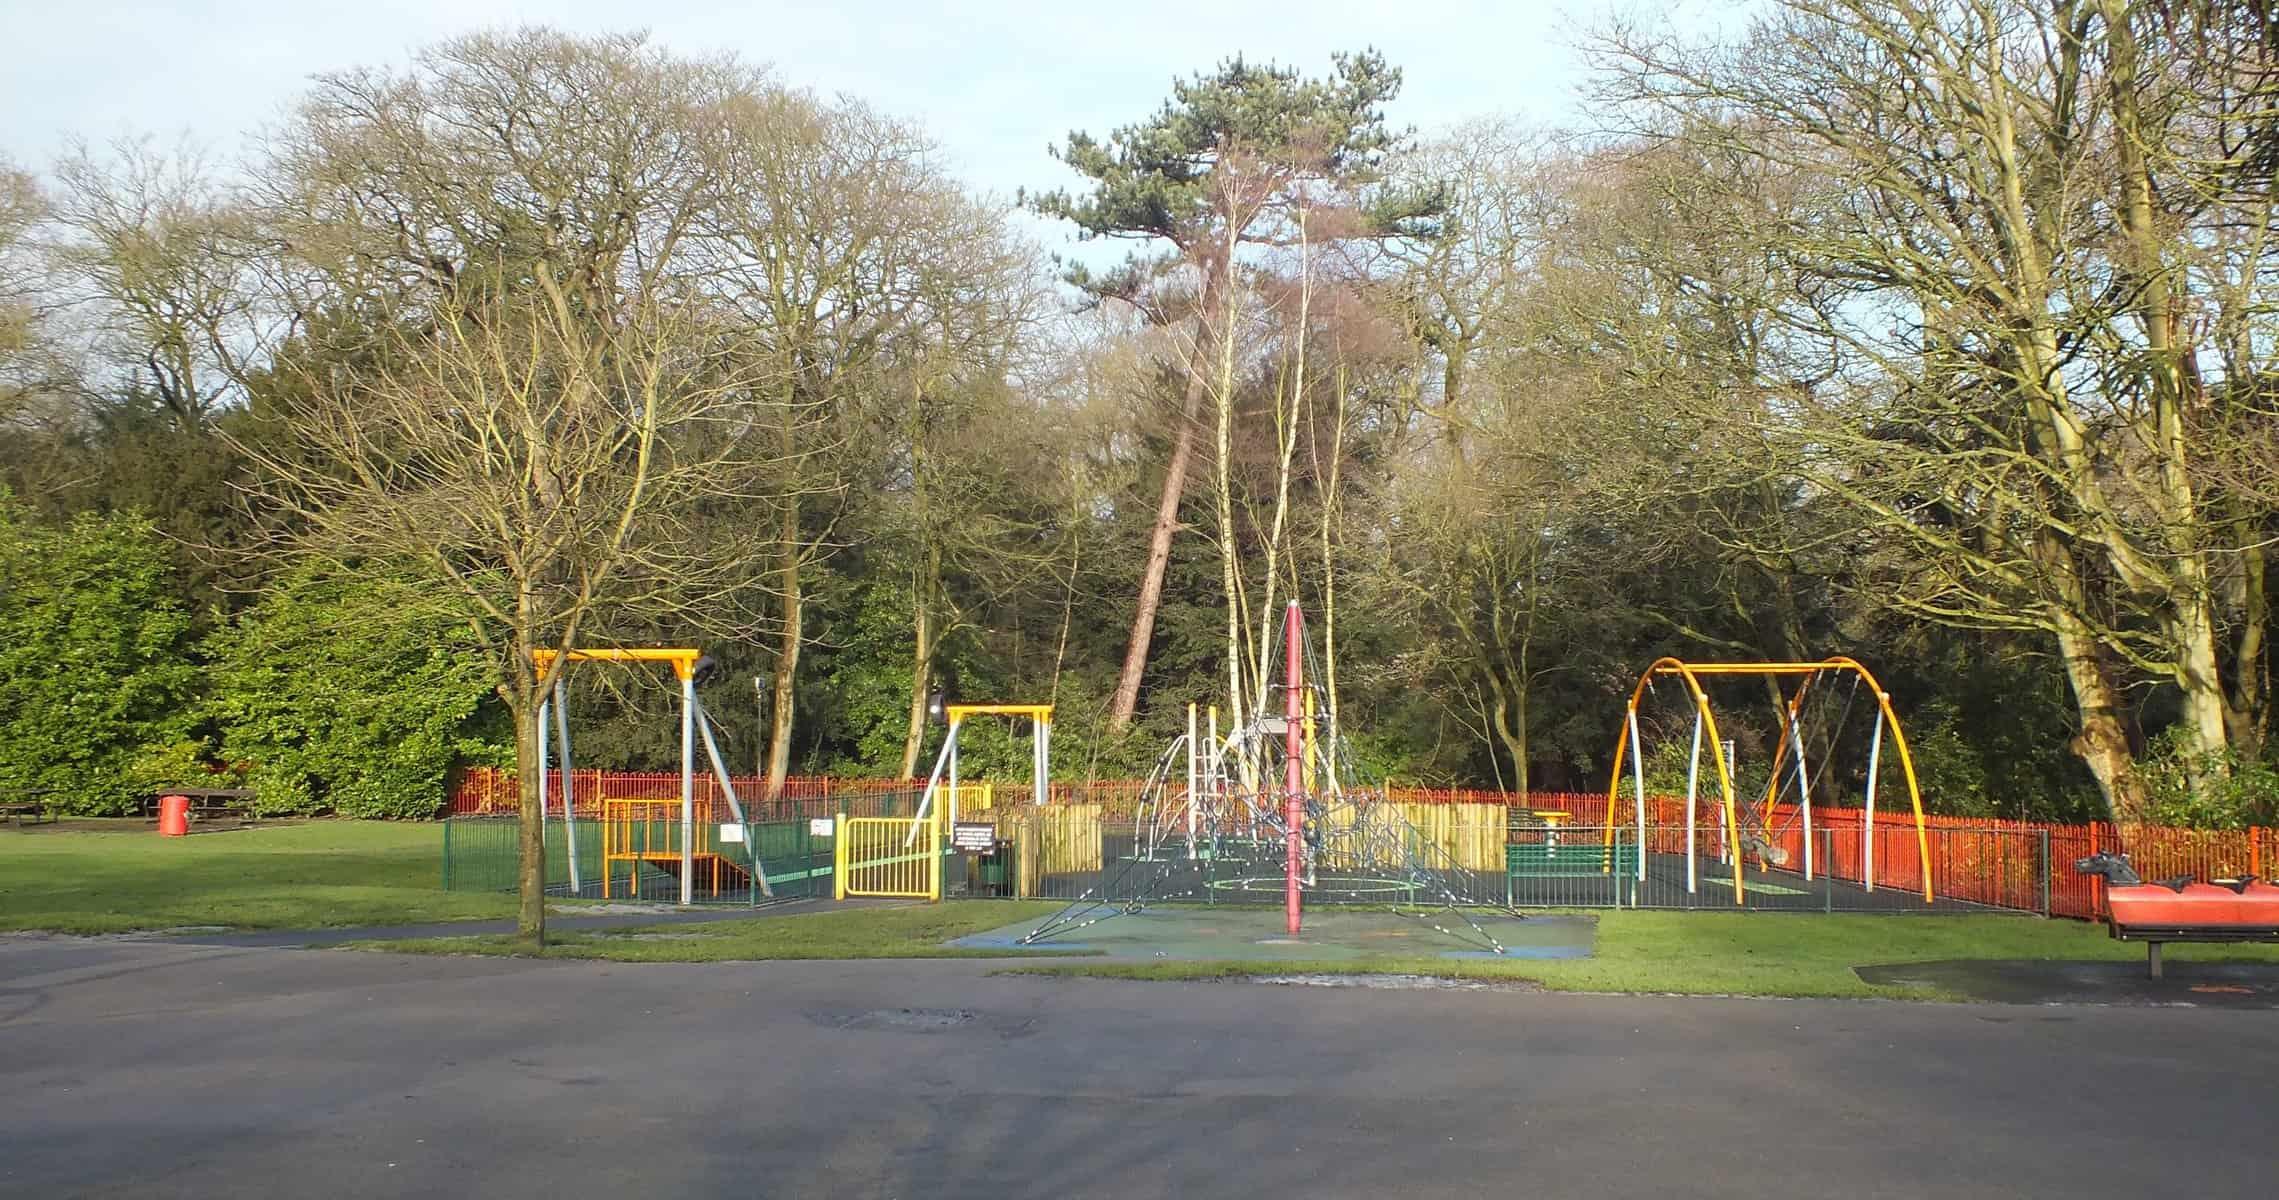 Walton Park Playground